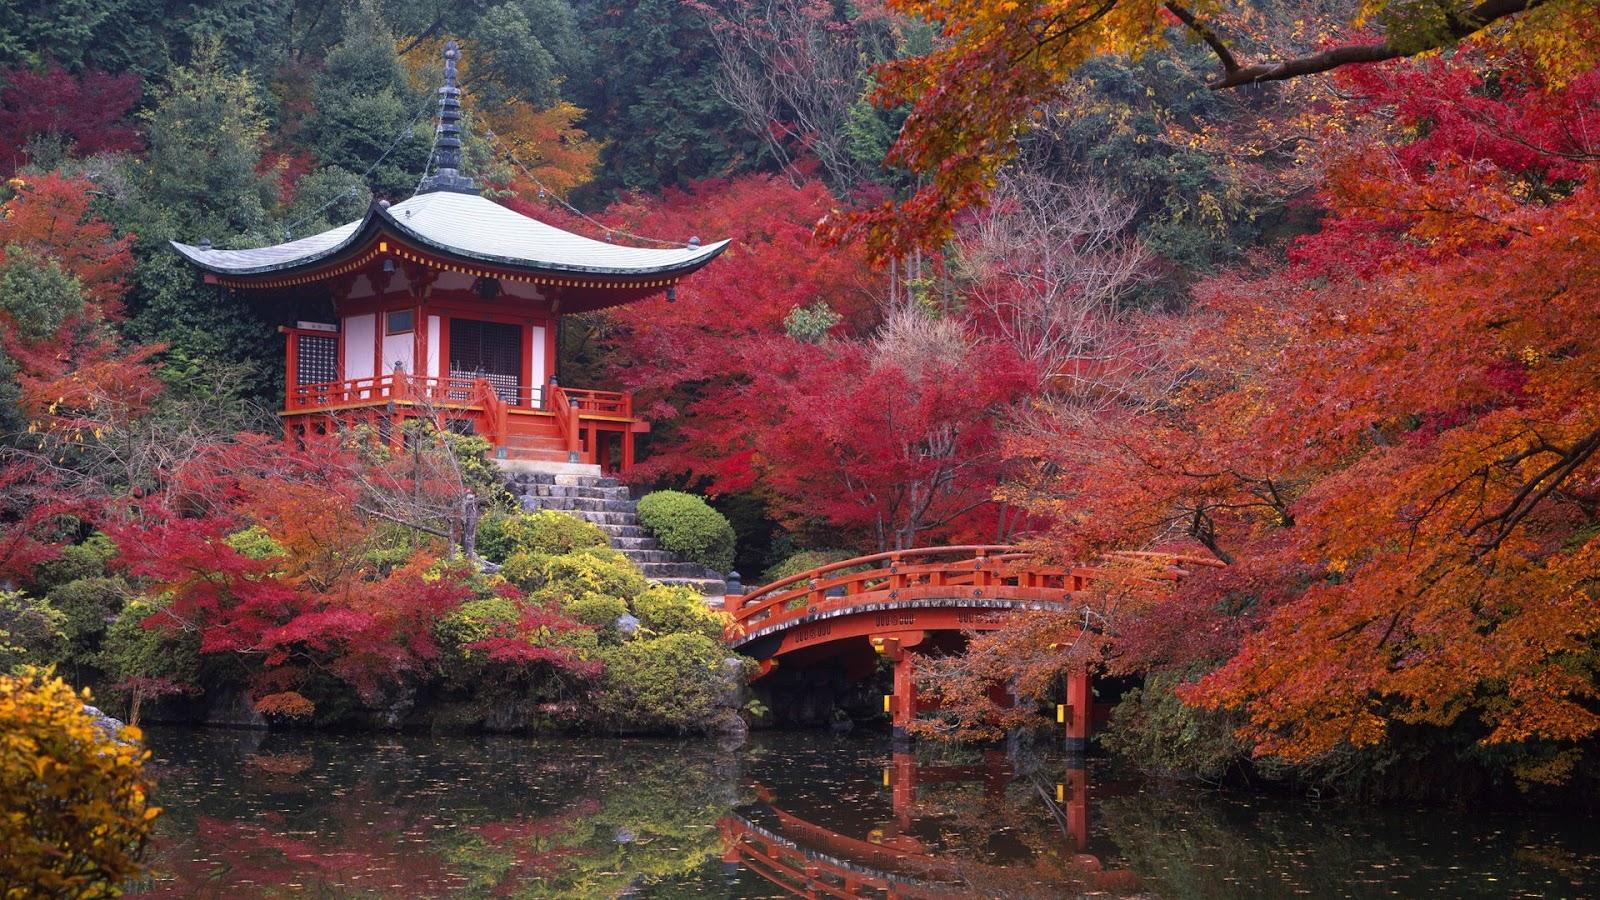 достопримечательности Японии фото